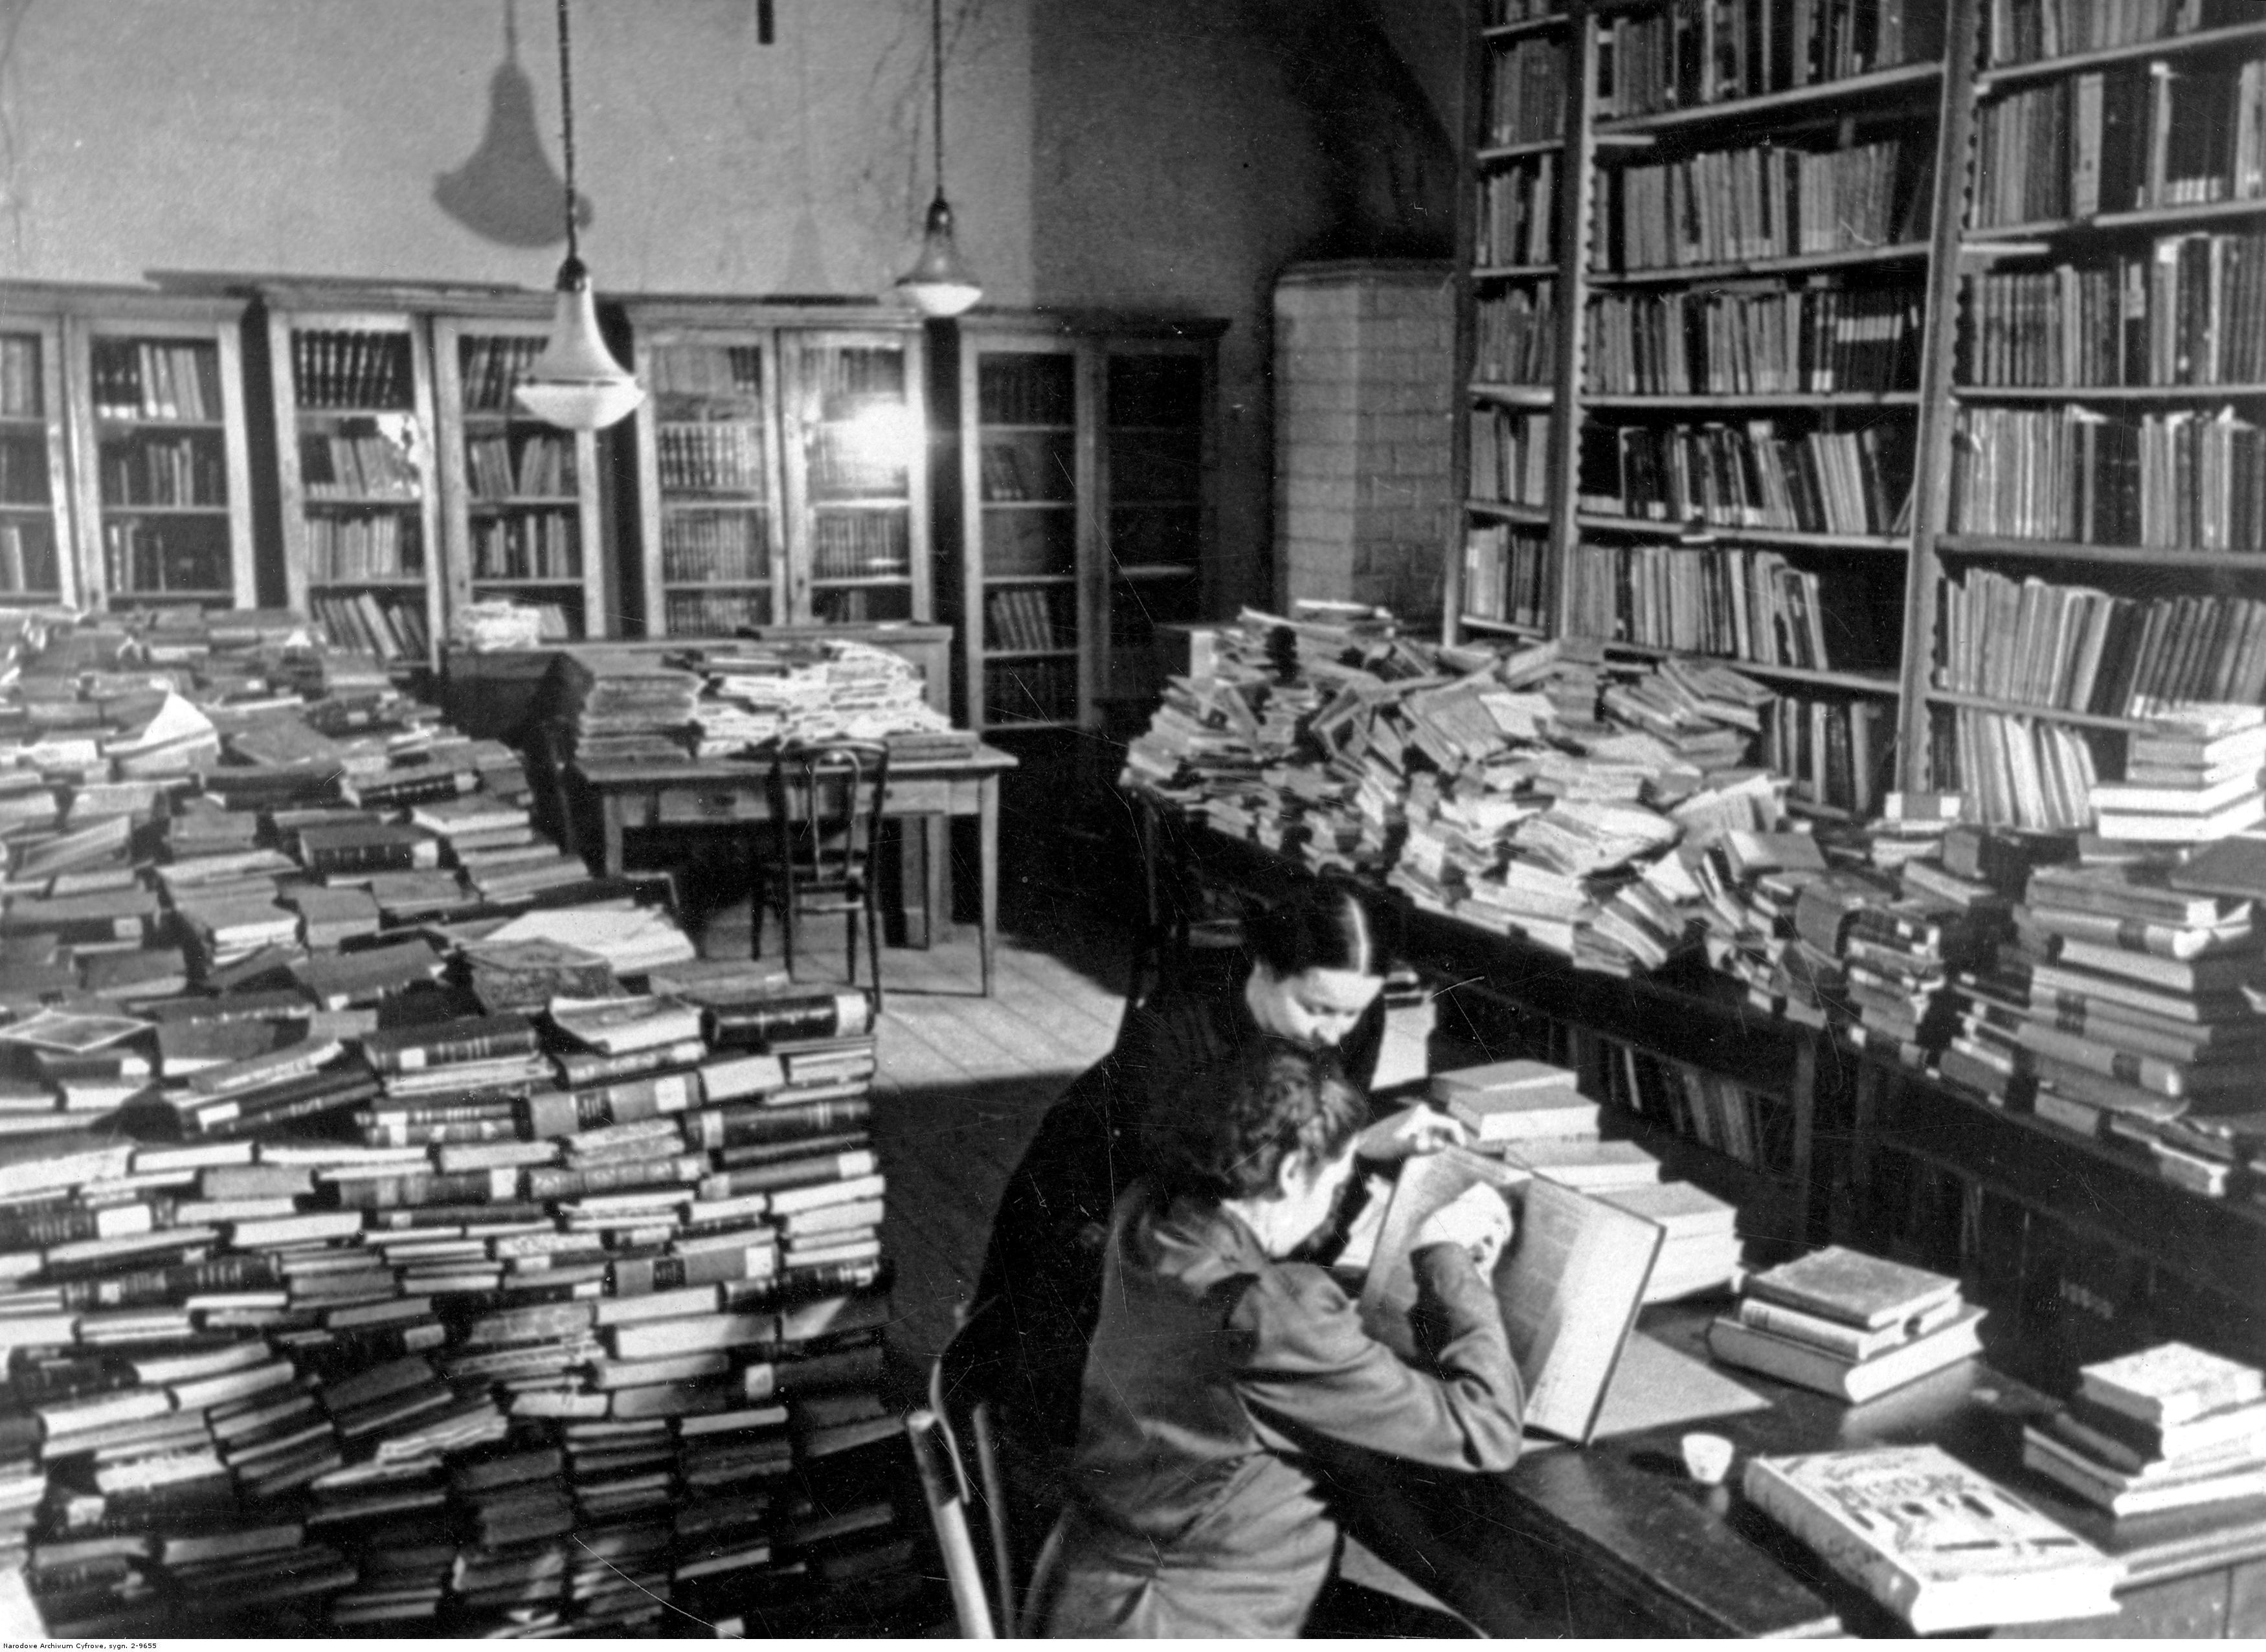 Katalogowanie i układanie książek na regałach według układu rzeczowego. Między 1939 a 1945.